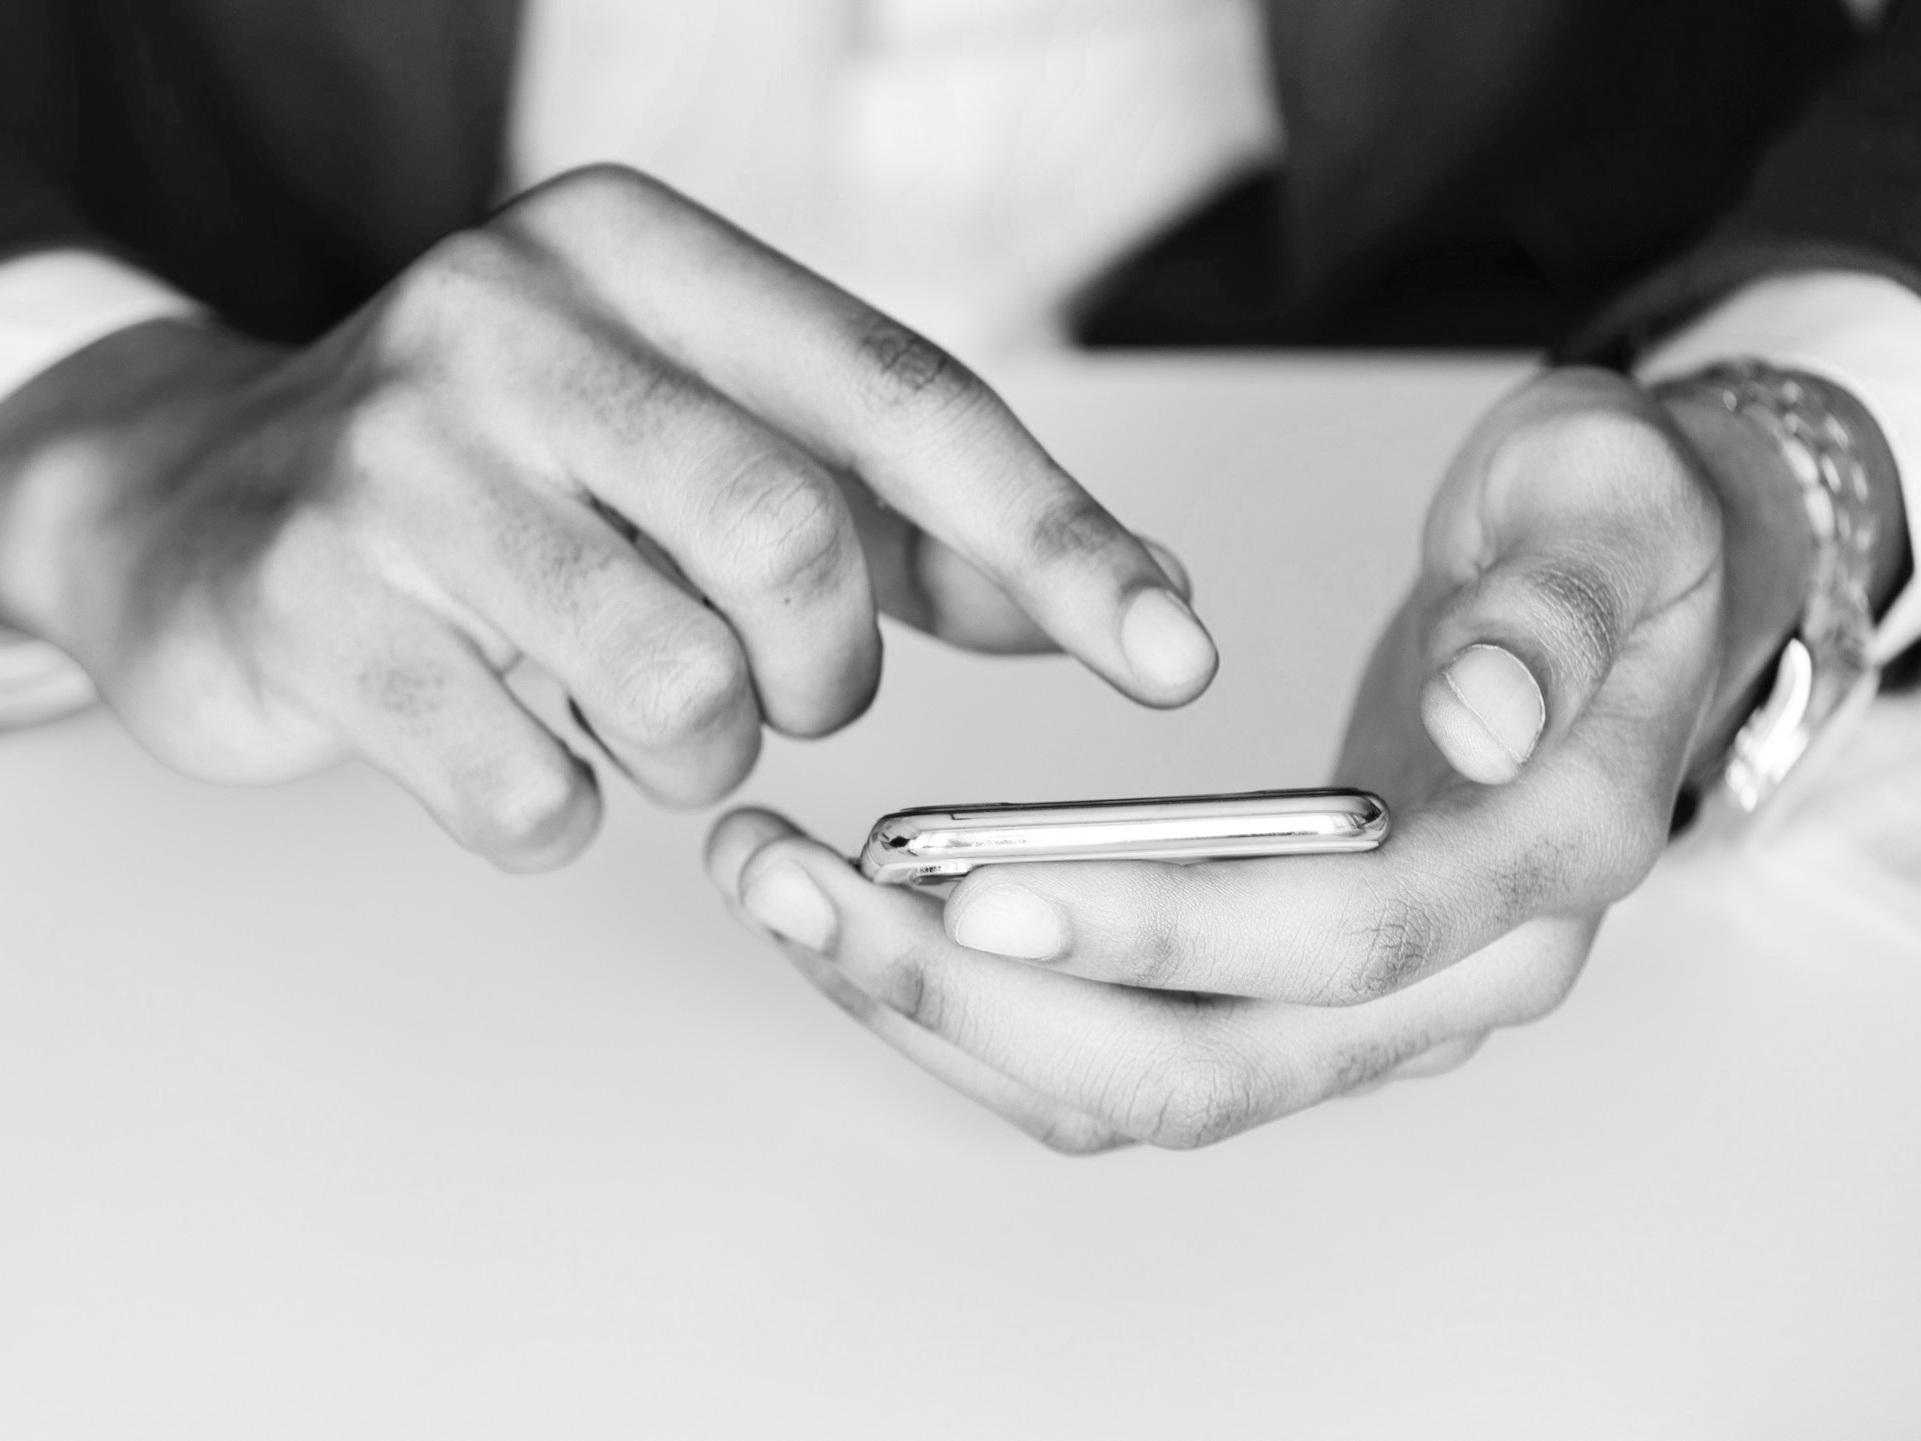 E-Reputation & Influence - Parce que la communication d'une entreprise doit être incarnée par ses dirigeants sur les réseaux sociaux et que la légitimité s'appuie sur une expertise valorisée par sa communauté.- Leader Advocacy Program (Twitter + LinkedIn)- Thought Leadership Program (Comex)- Brand Content Strategy & Social Listening (Website + Social Media)